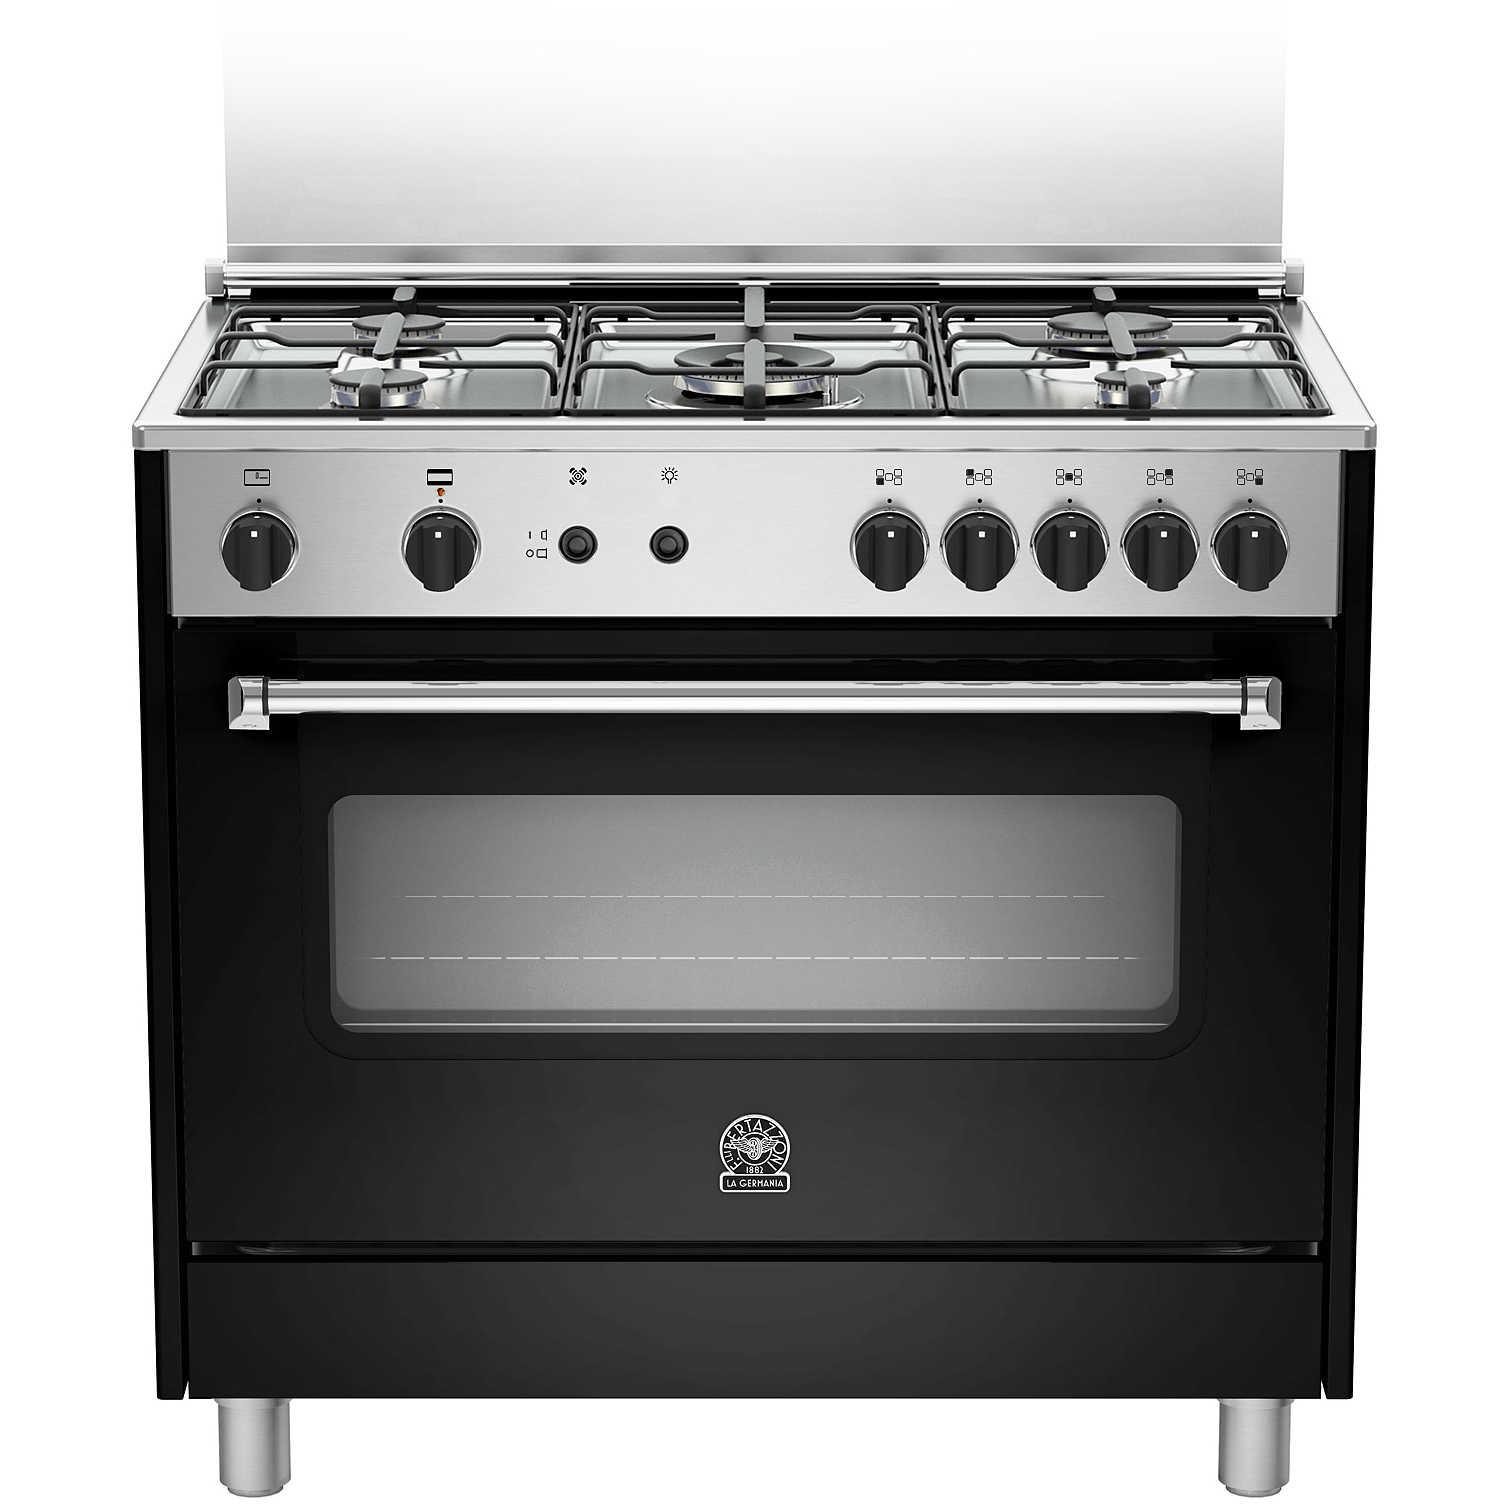 La germania amn905gevsnee cucina 90x60 5 fuochi a gas forno a gas ventilato con grill elettrico - Cucina a gas 5 fuochi ...